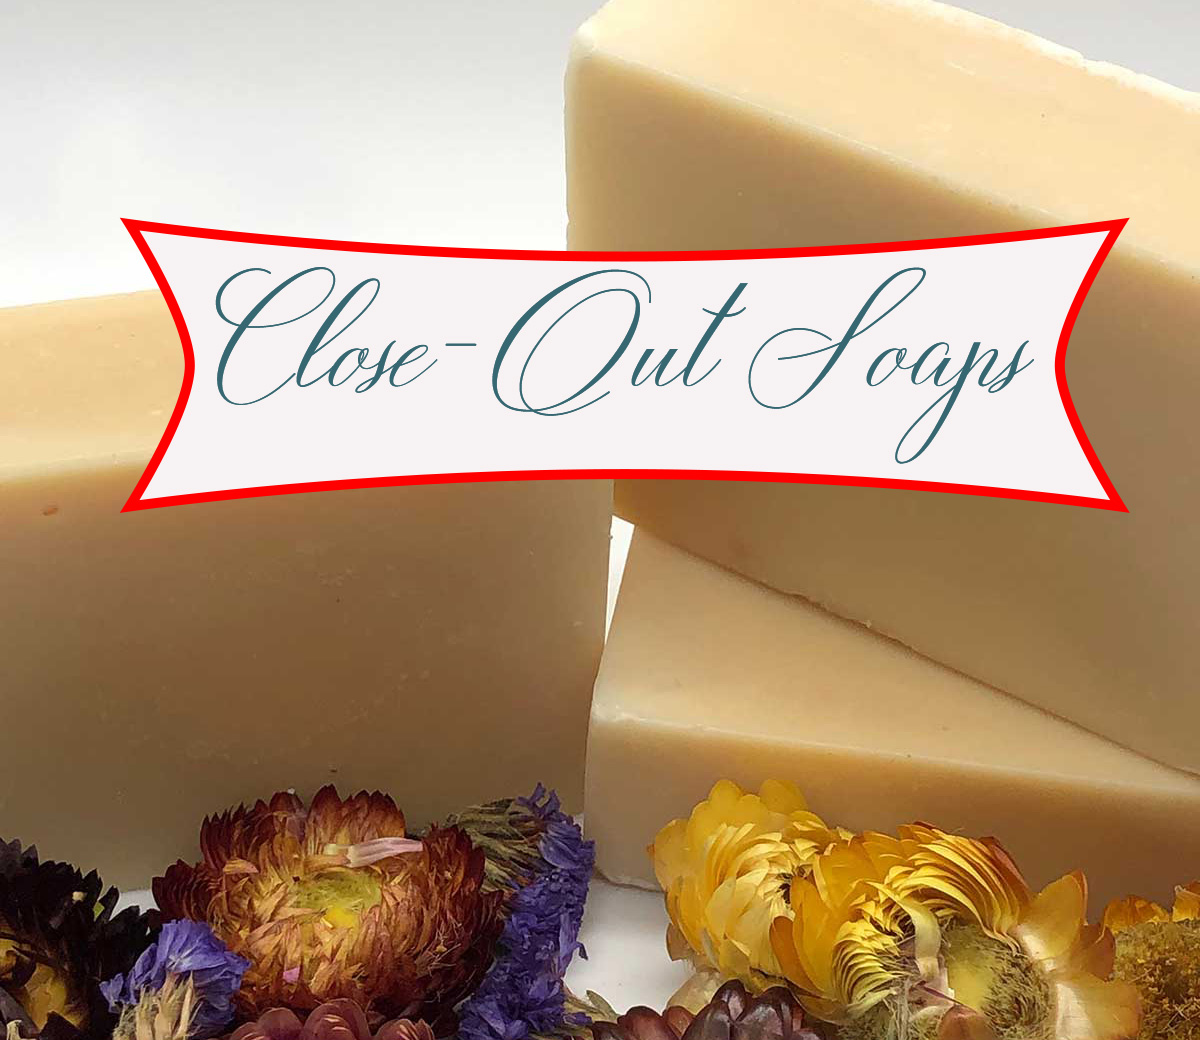 Close-out soap sales